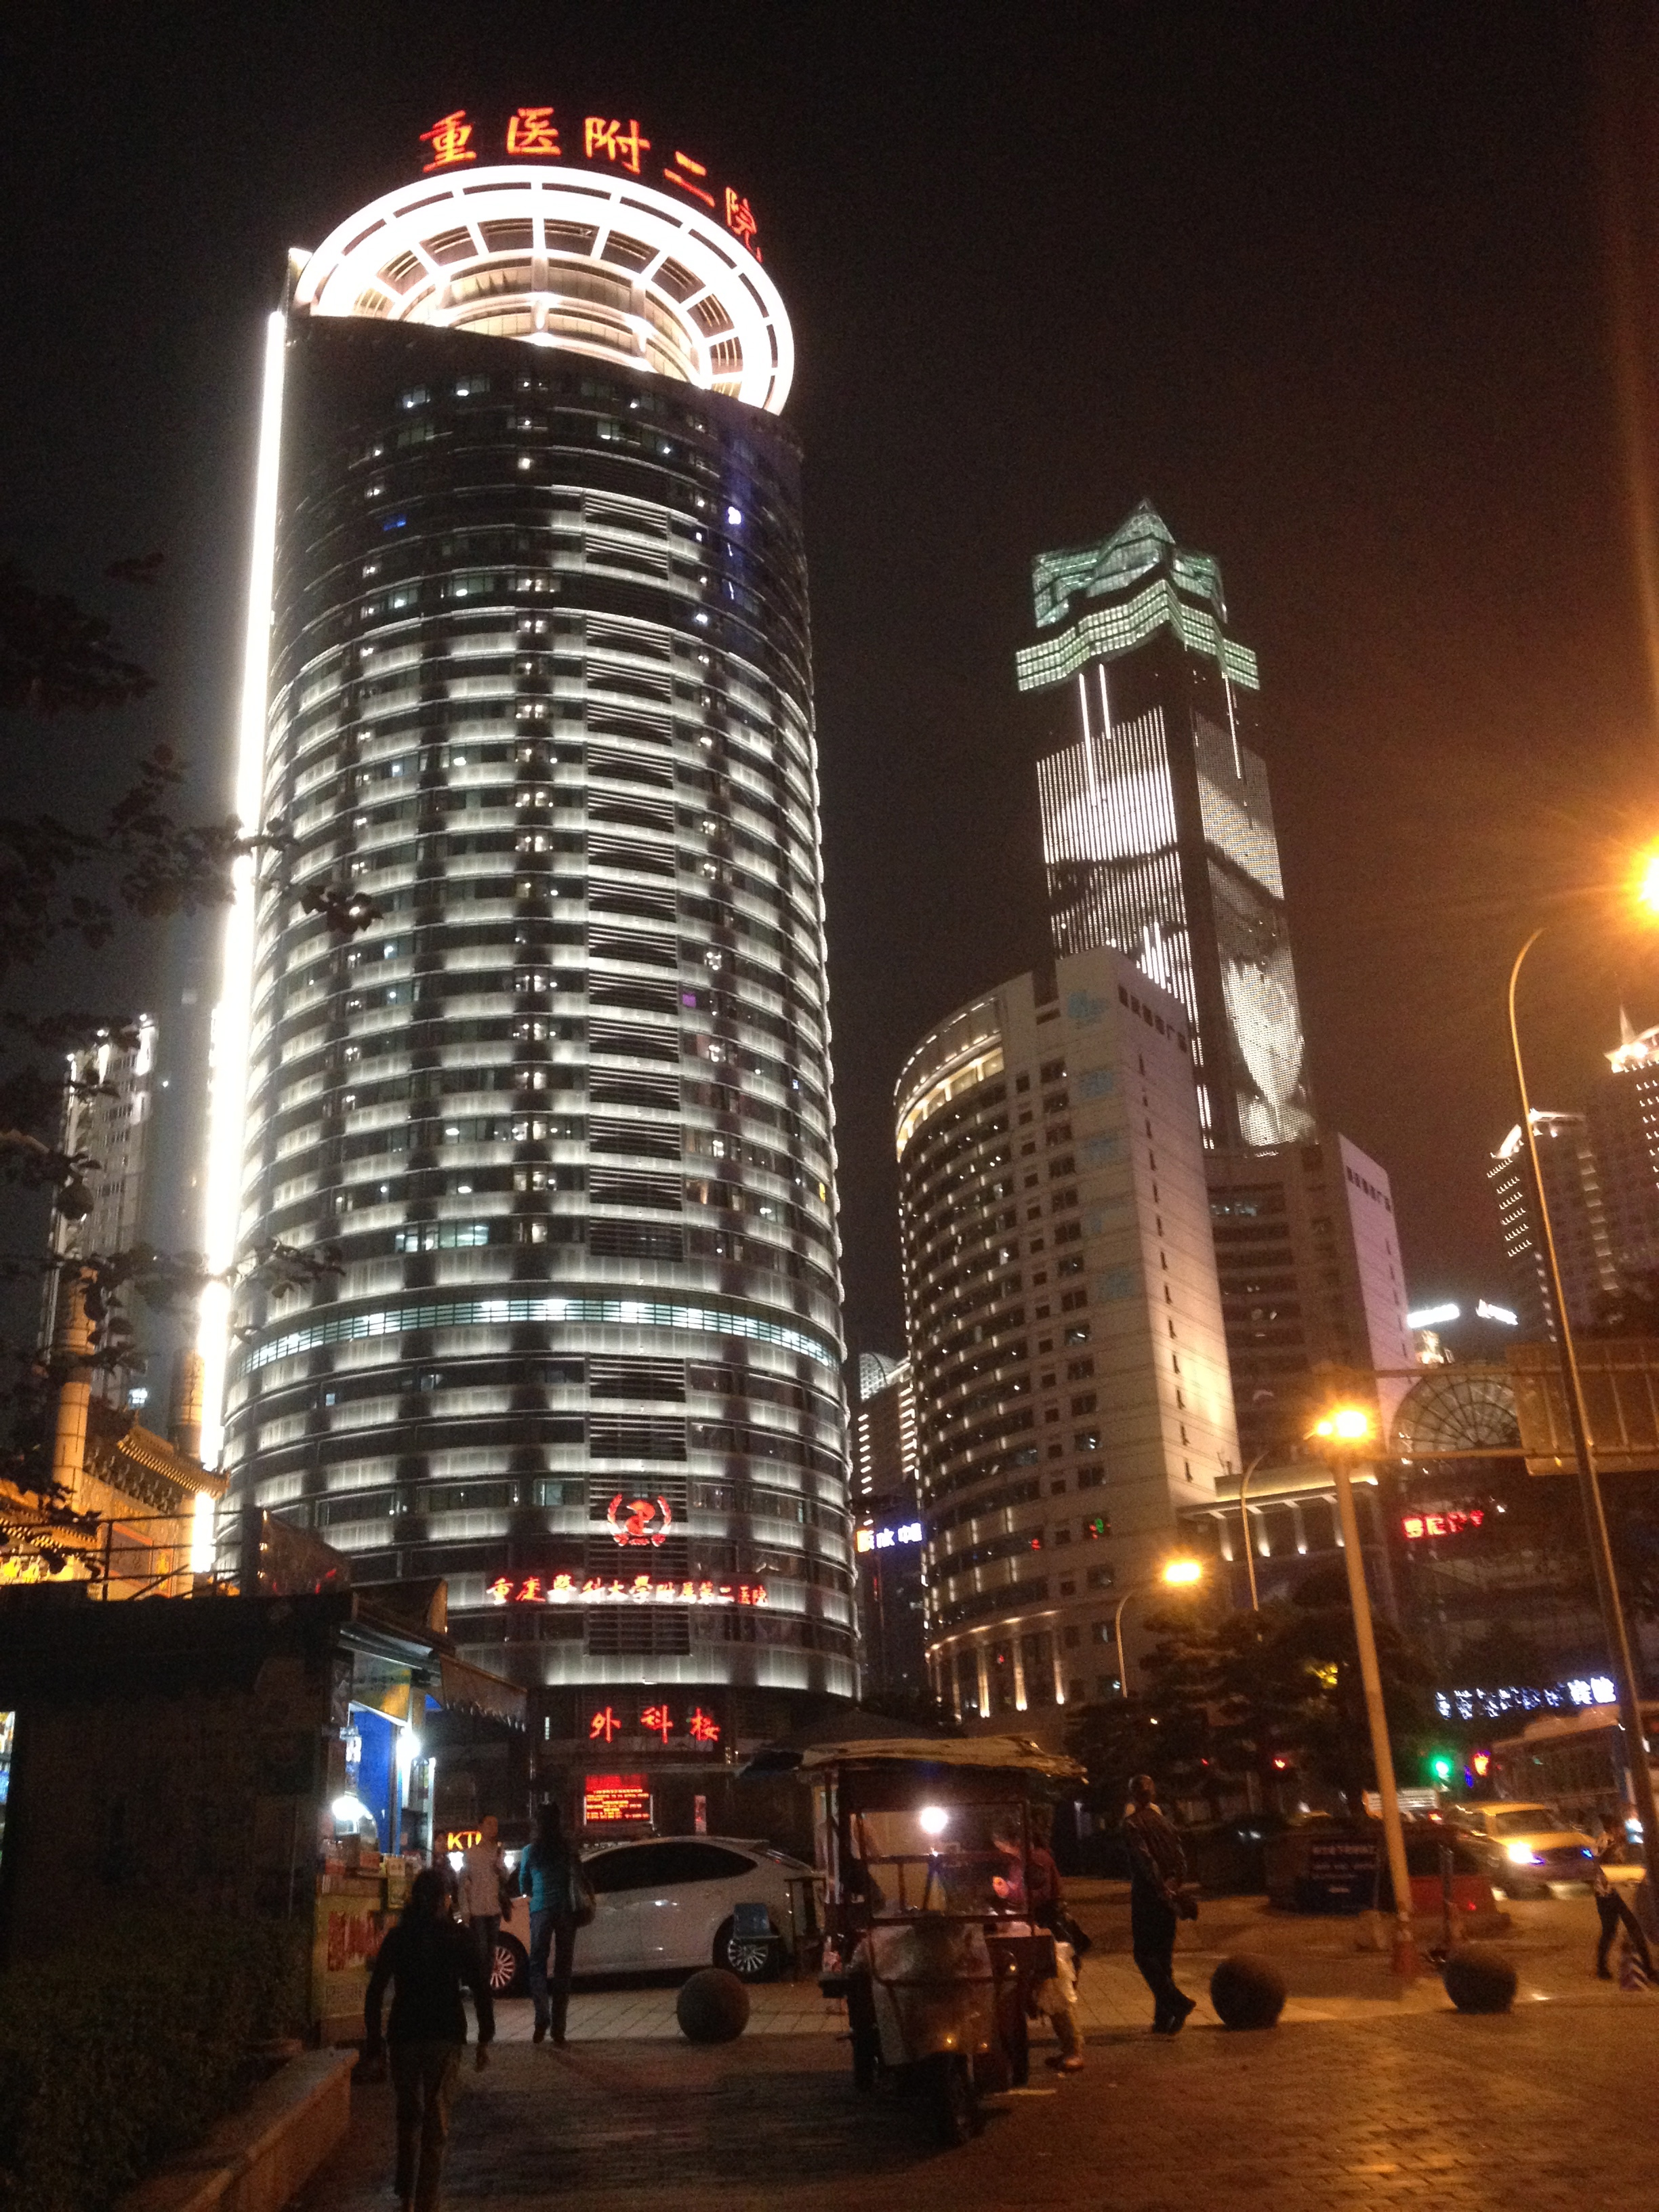 Downtown Jiefangbei.